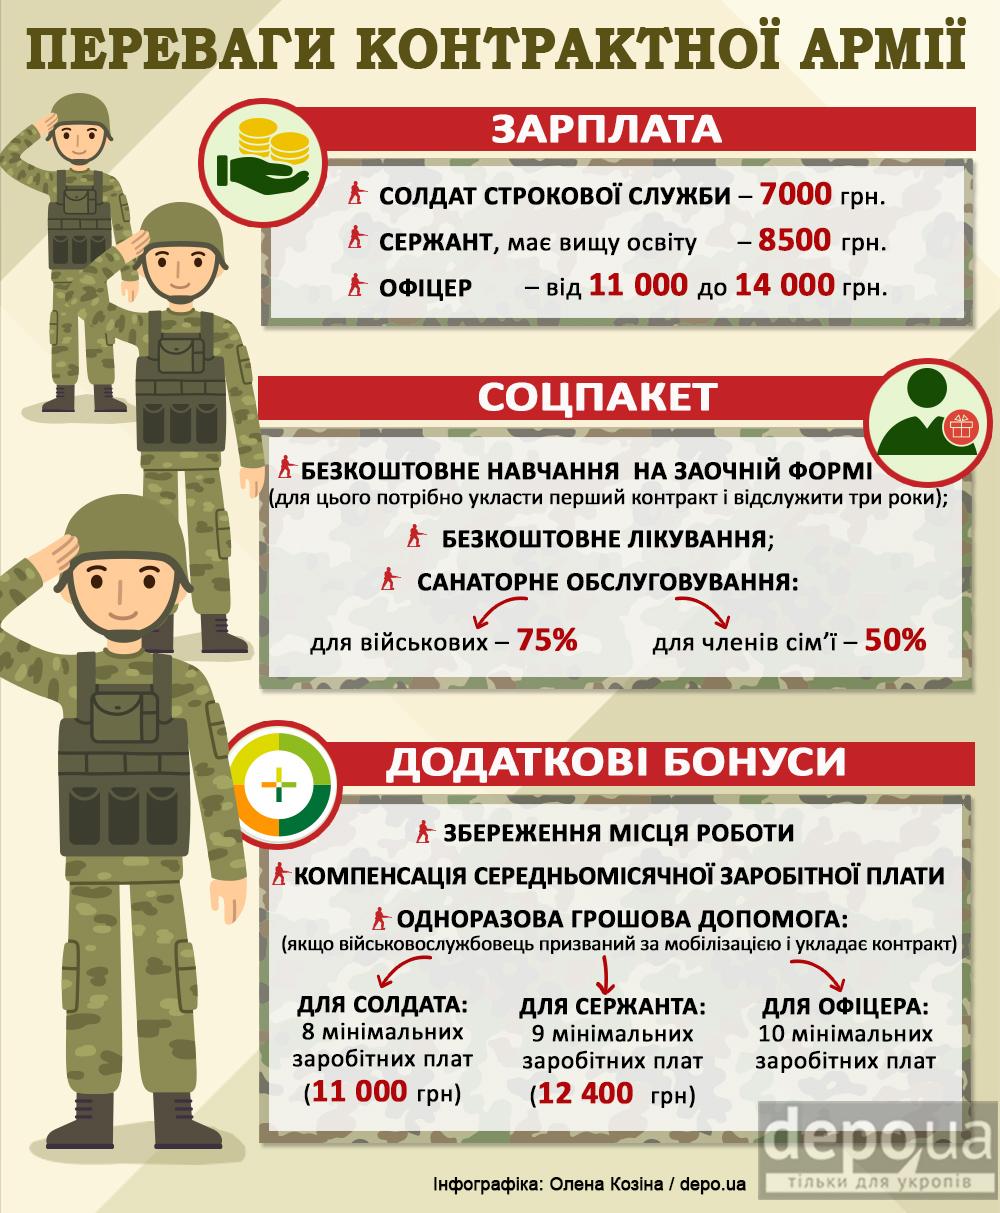 Нарушение контракта в армии